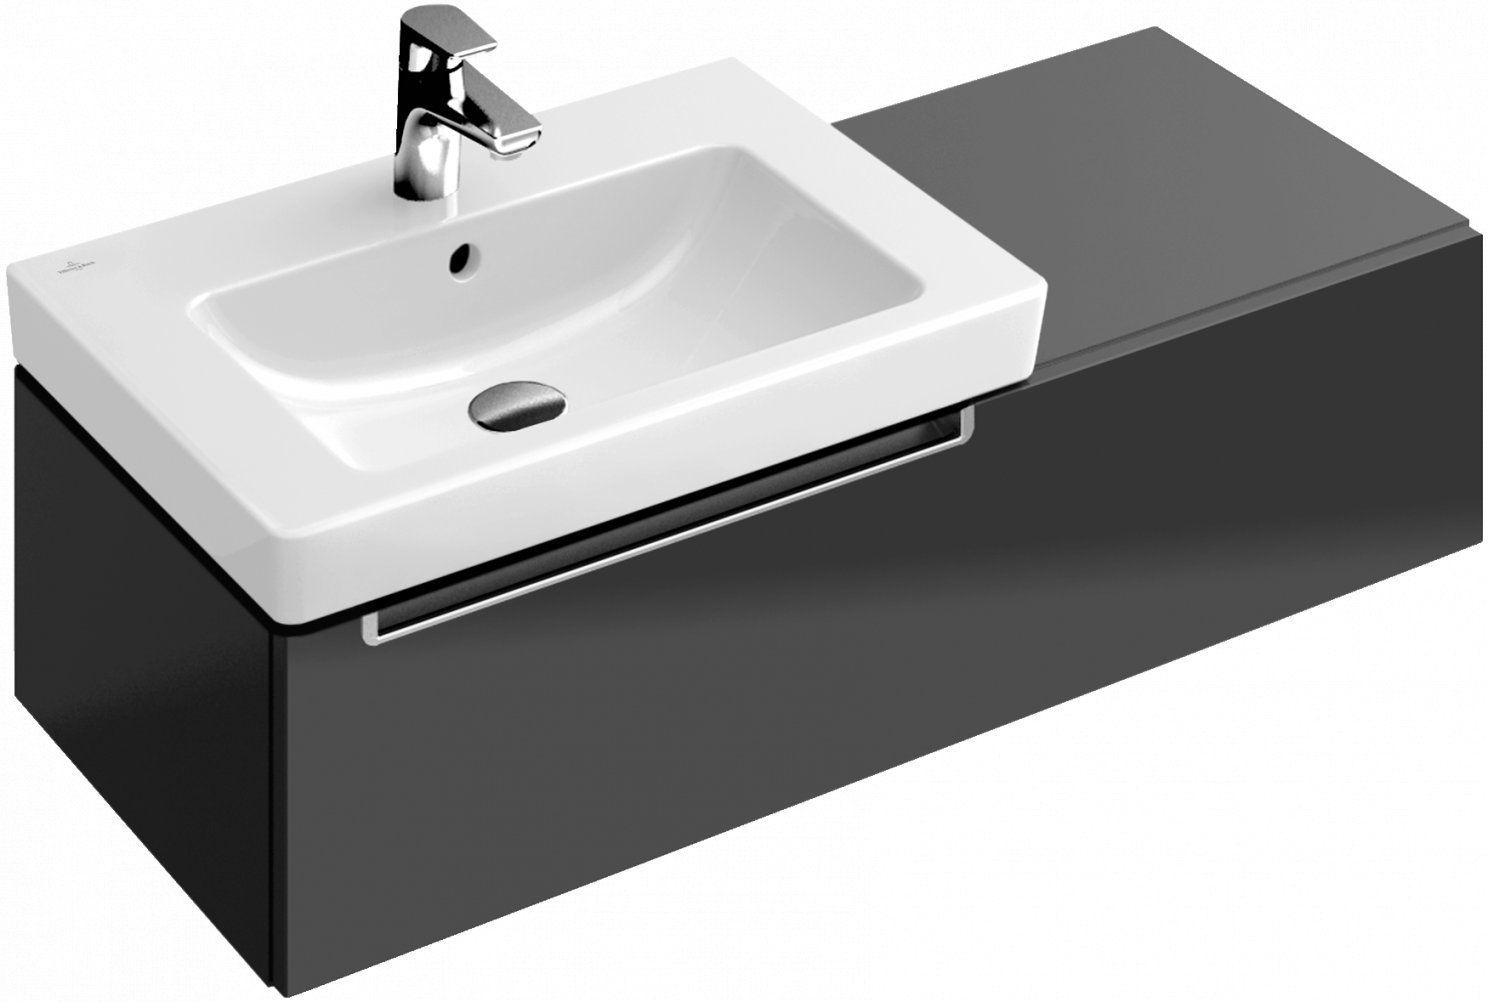 Villeroy Und Boch Waschtisch Mit Unterschrank Galerie F2E von Villeroy Und Boch Doppelwaschbecken Mit Unterschrank Bild